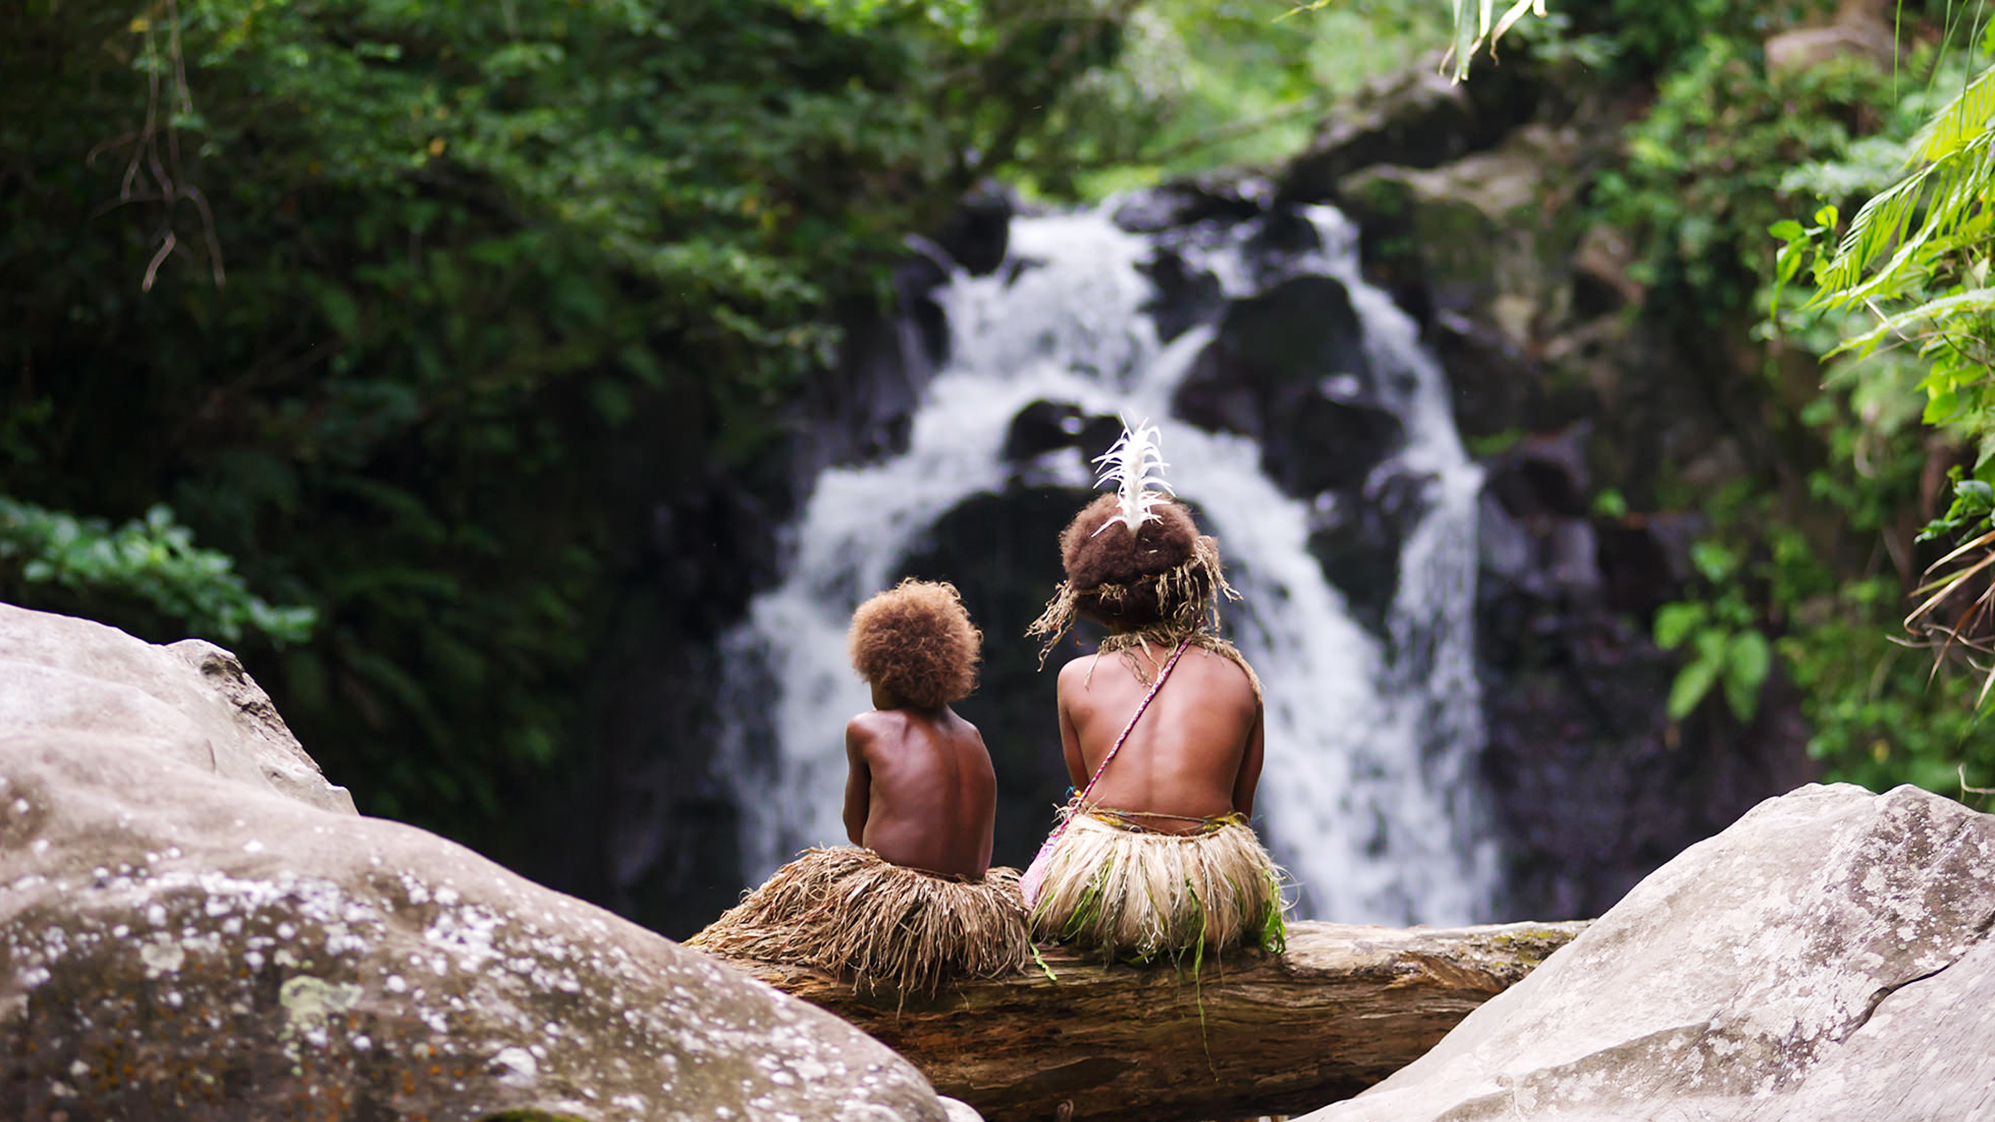 Tanna. Wawa und ihre Schwester Selin am Fluss.